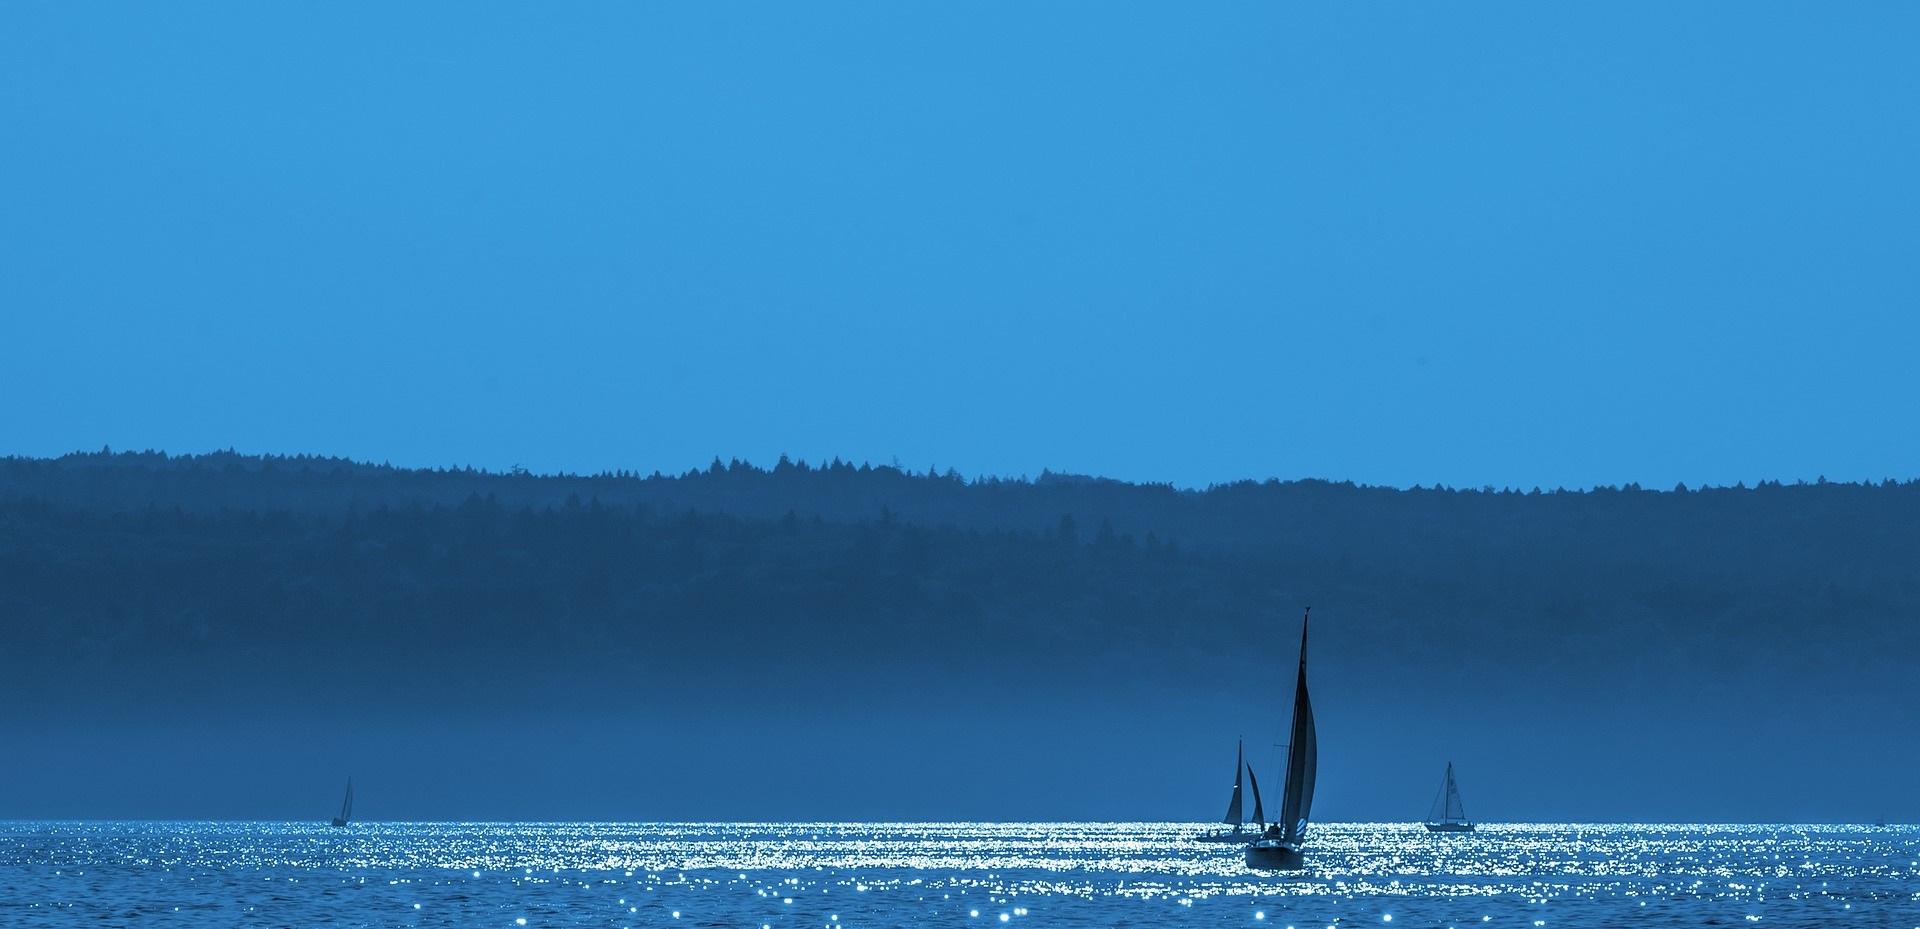 Blå baklgrundsbild, hav med segelbåtar.